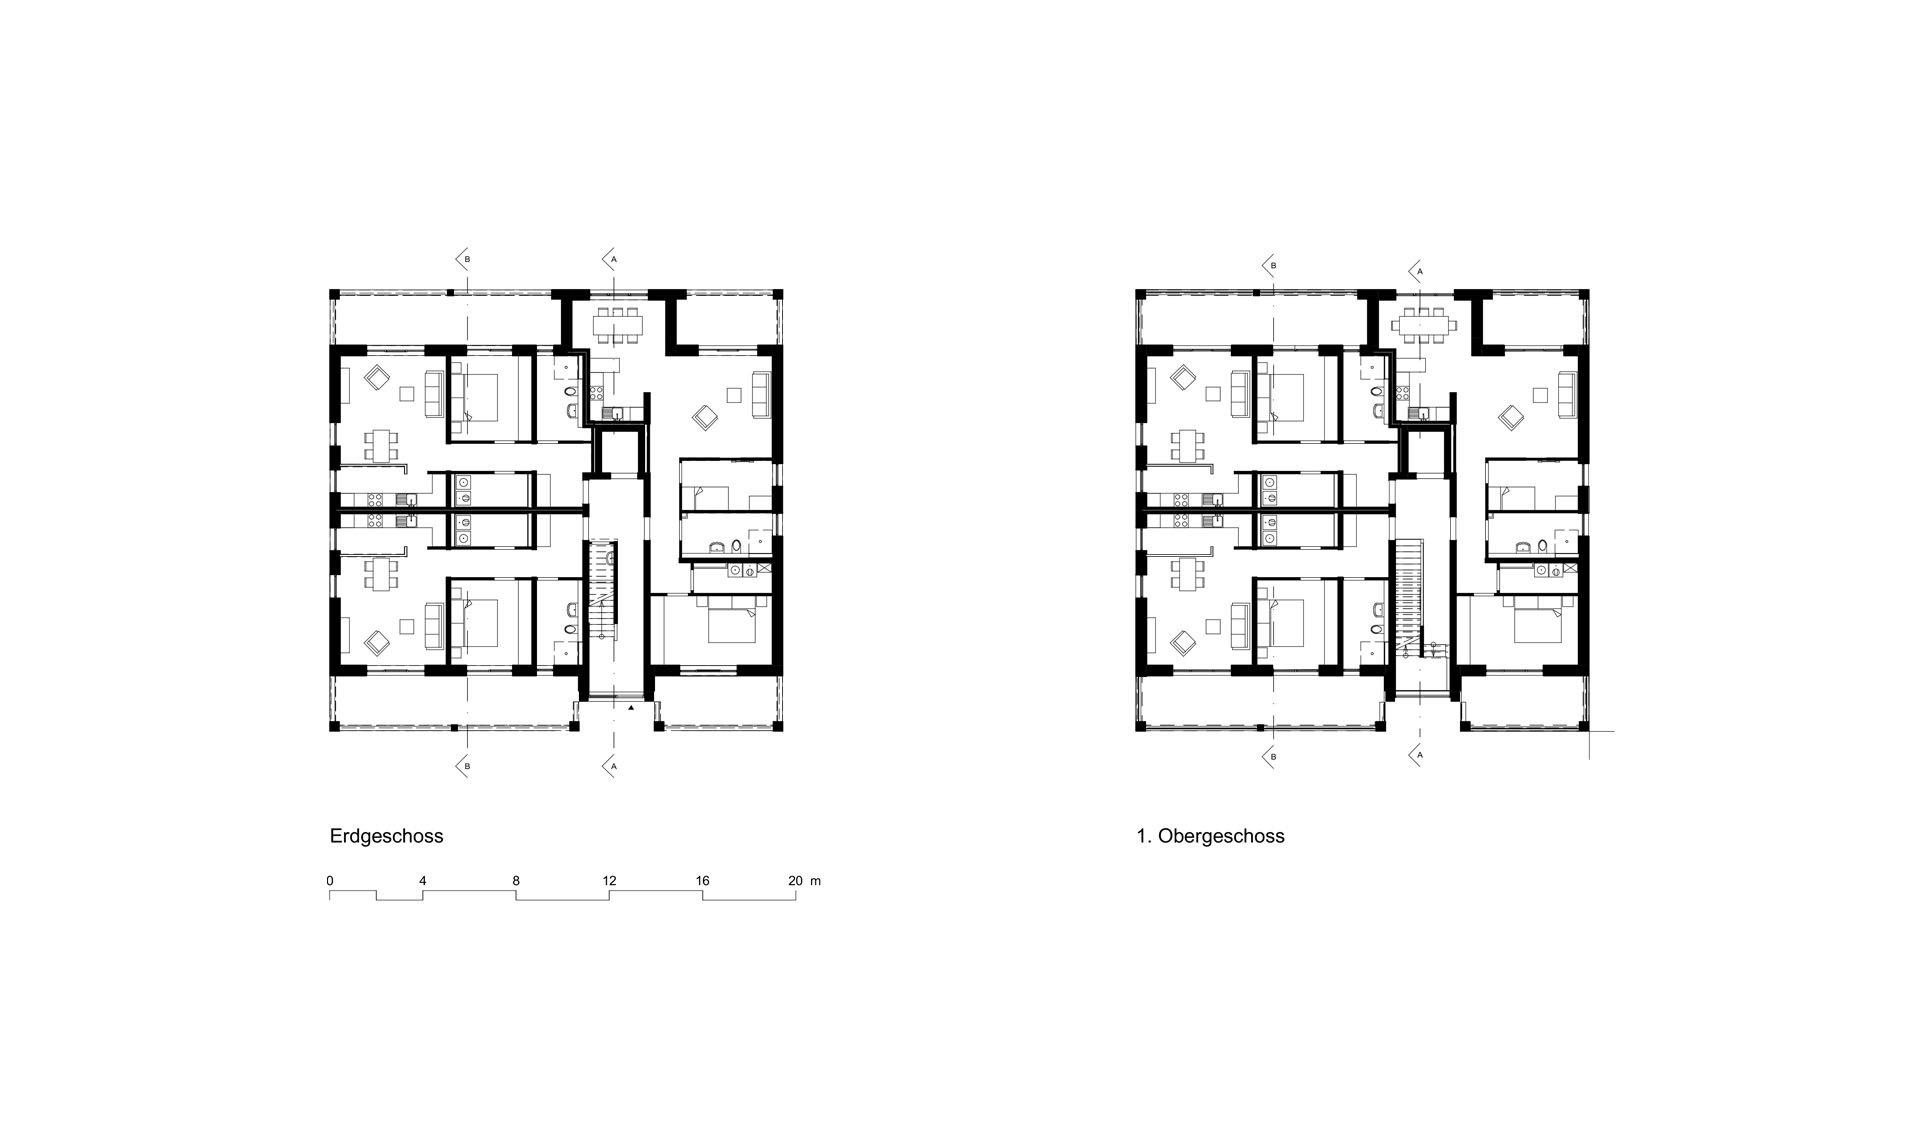 Grundriss Erdgeschoss und Obergeschoss